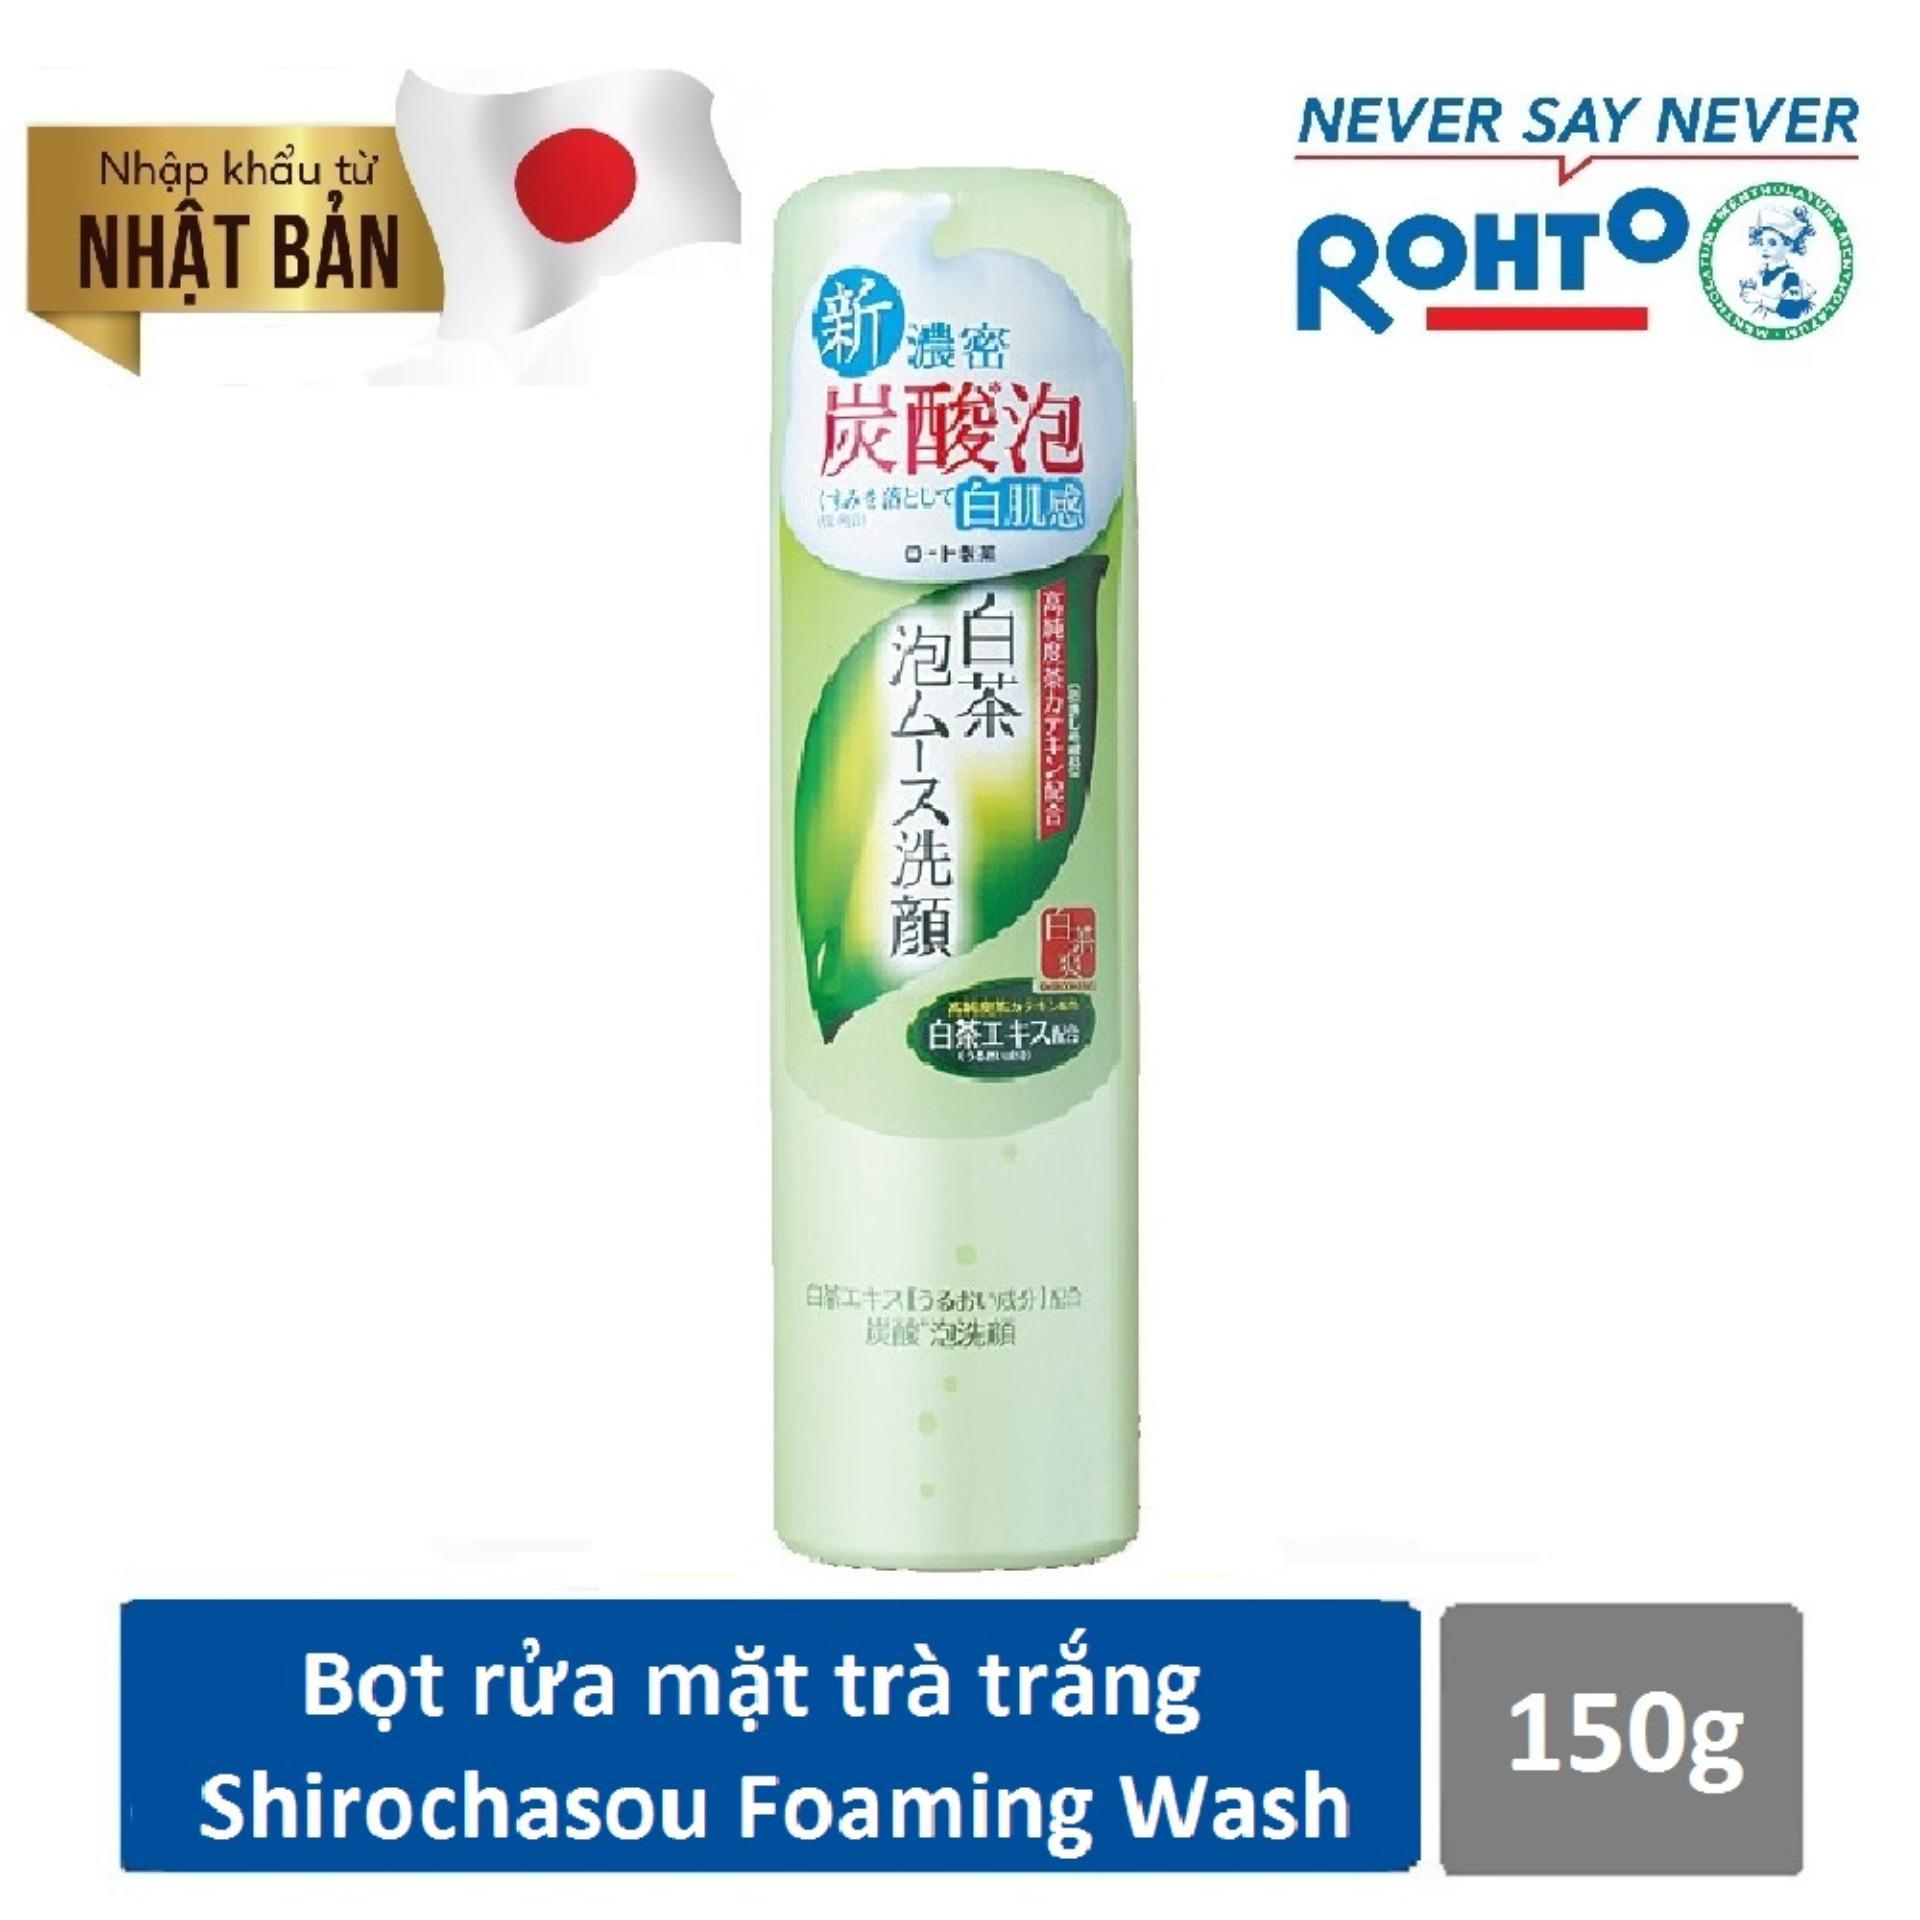 Mua Bọt Rửa Mặt Tra Trắng Shirochasou White Tea Foaming Wash 150G Nhập Khẩu Từ Nhật Bản Đồng Gia Shirochasou Rẻ